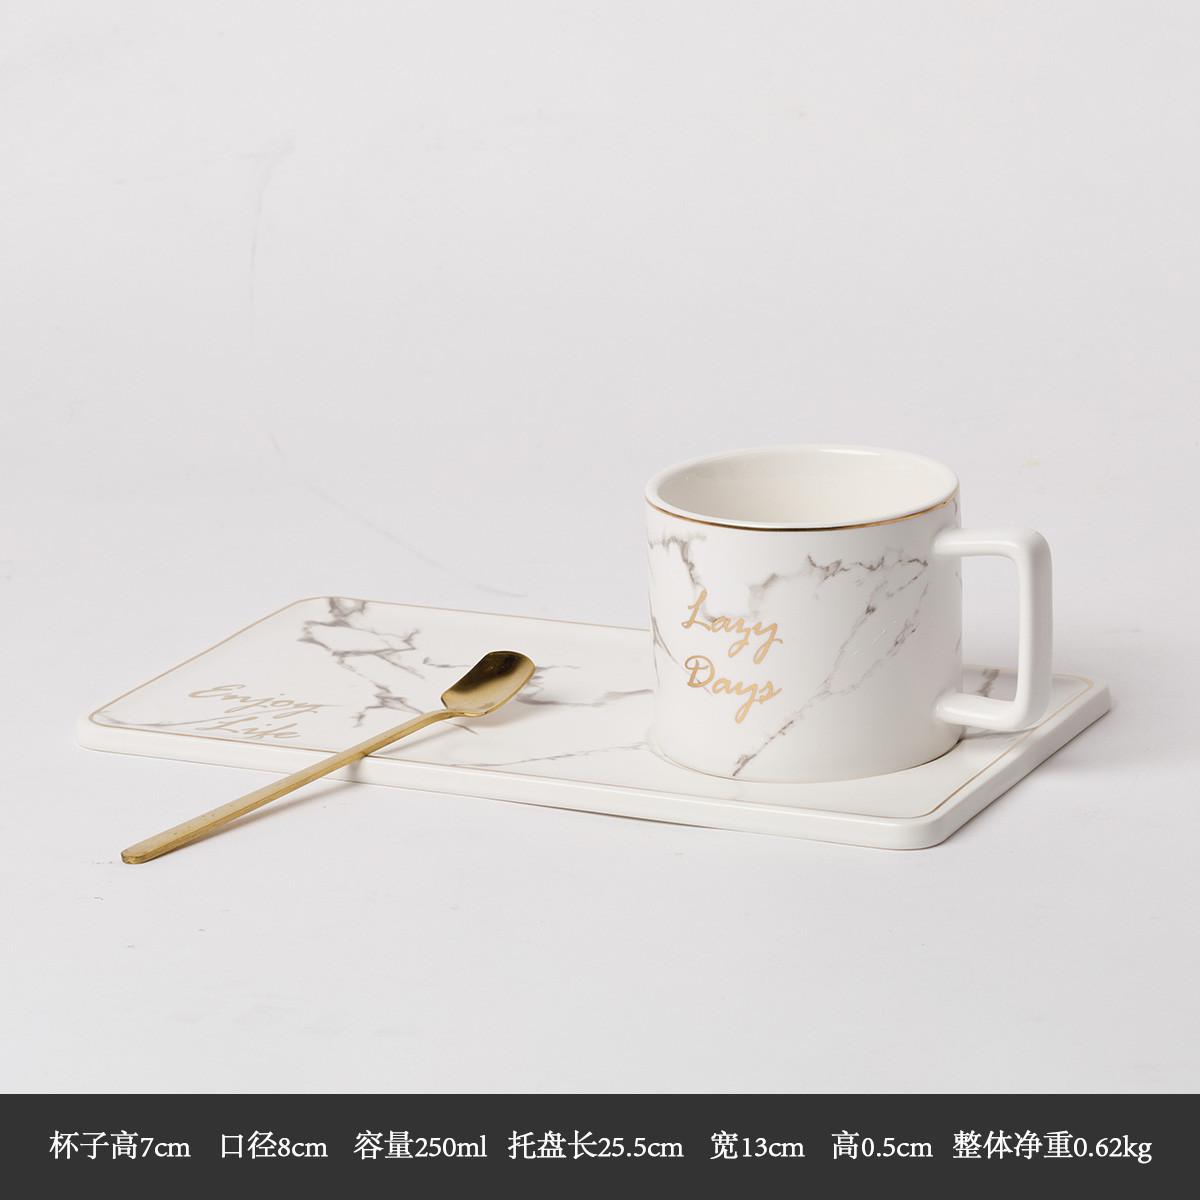 北欧国度 欧式 斯坦图系列陶瓷早餐盘 燕麦牛奶马克杯子带勺咖啡杯碟套装